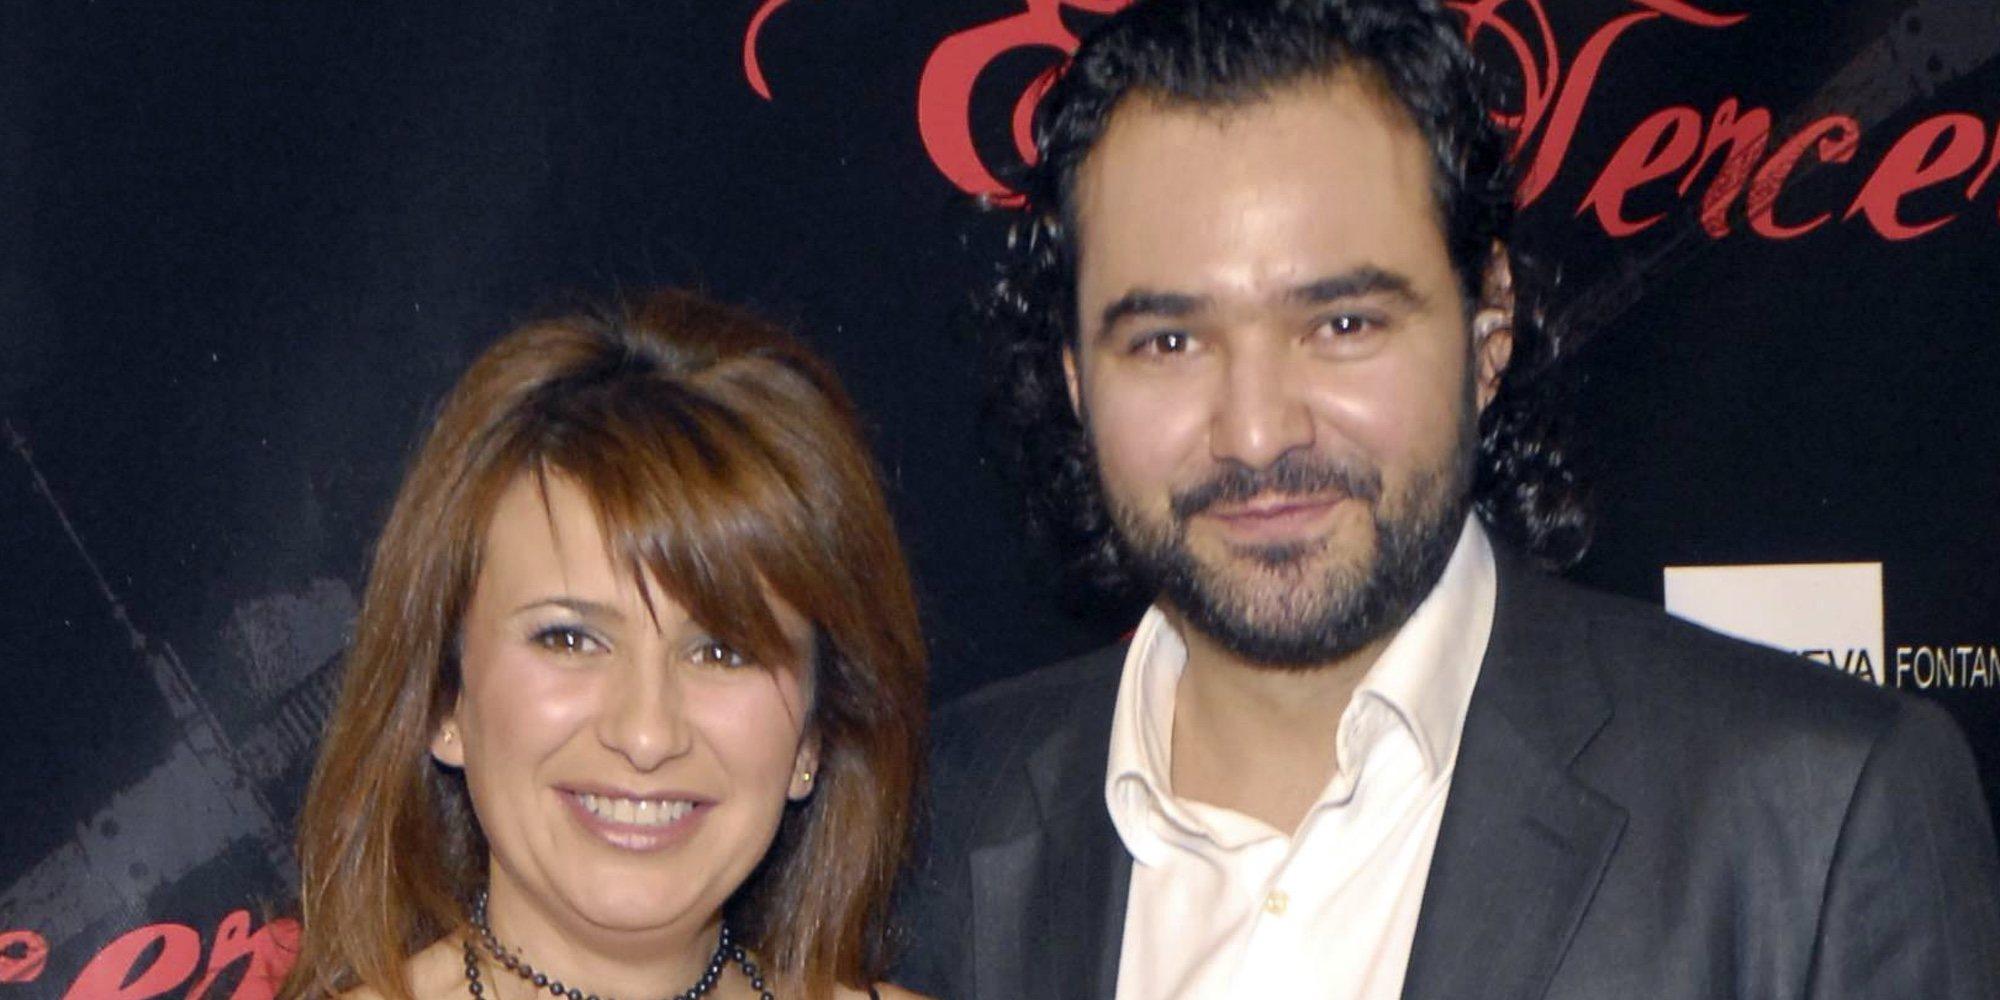 El éxito del exmarido de Gema López, Antonio Pardo Sebastián, tras su divorcio